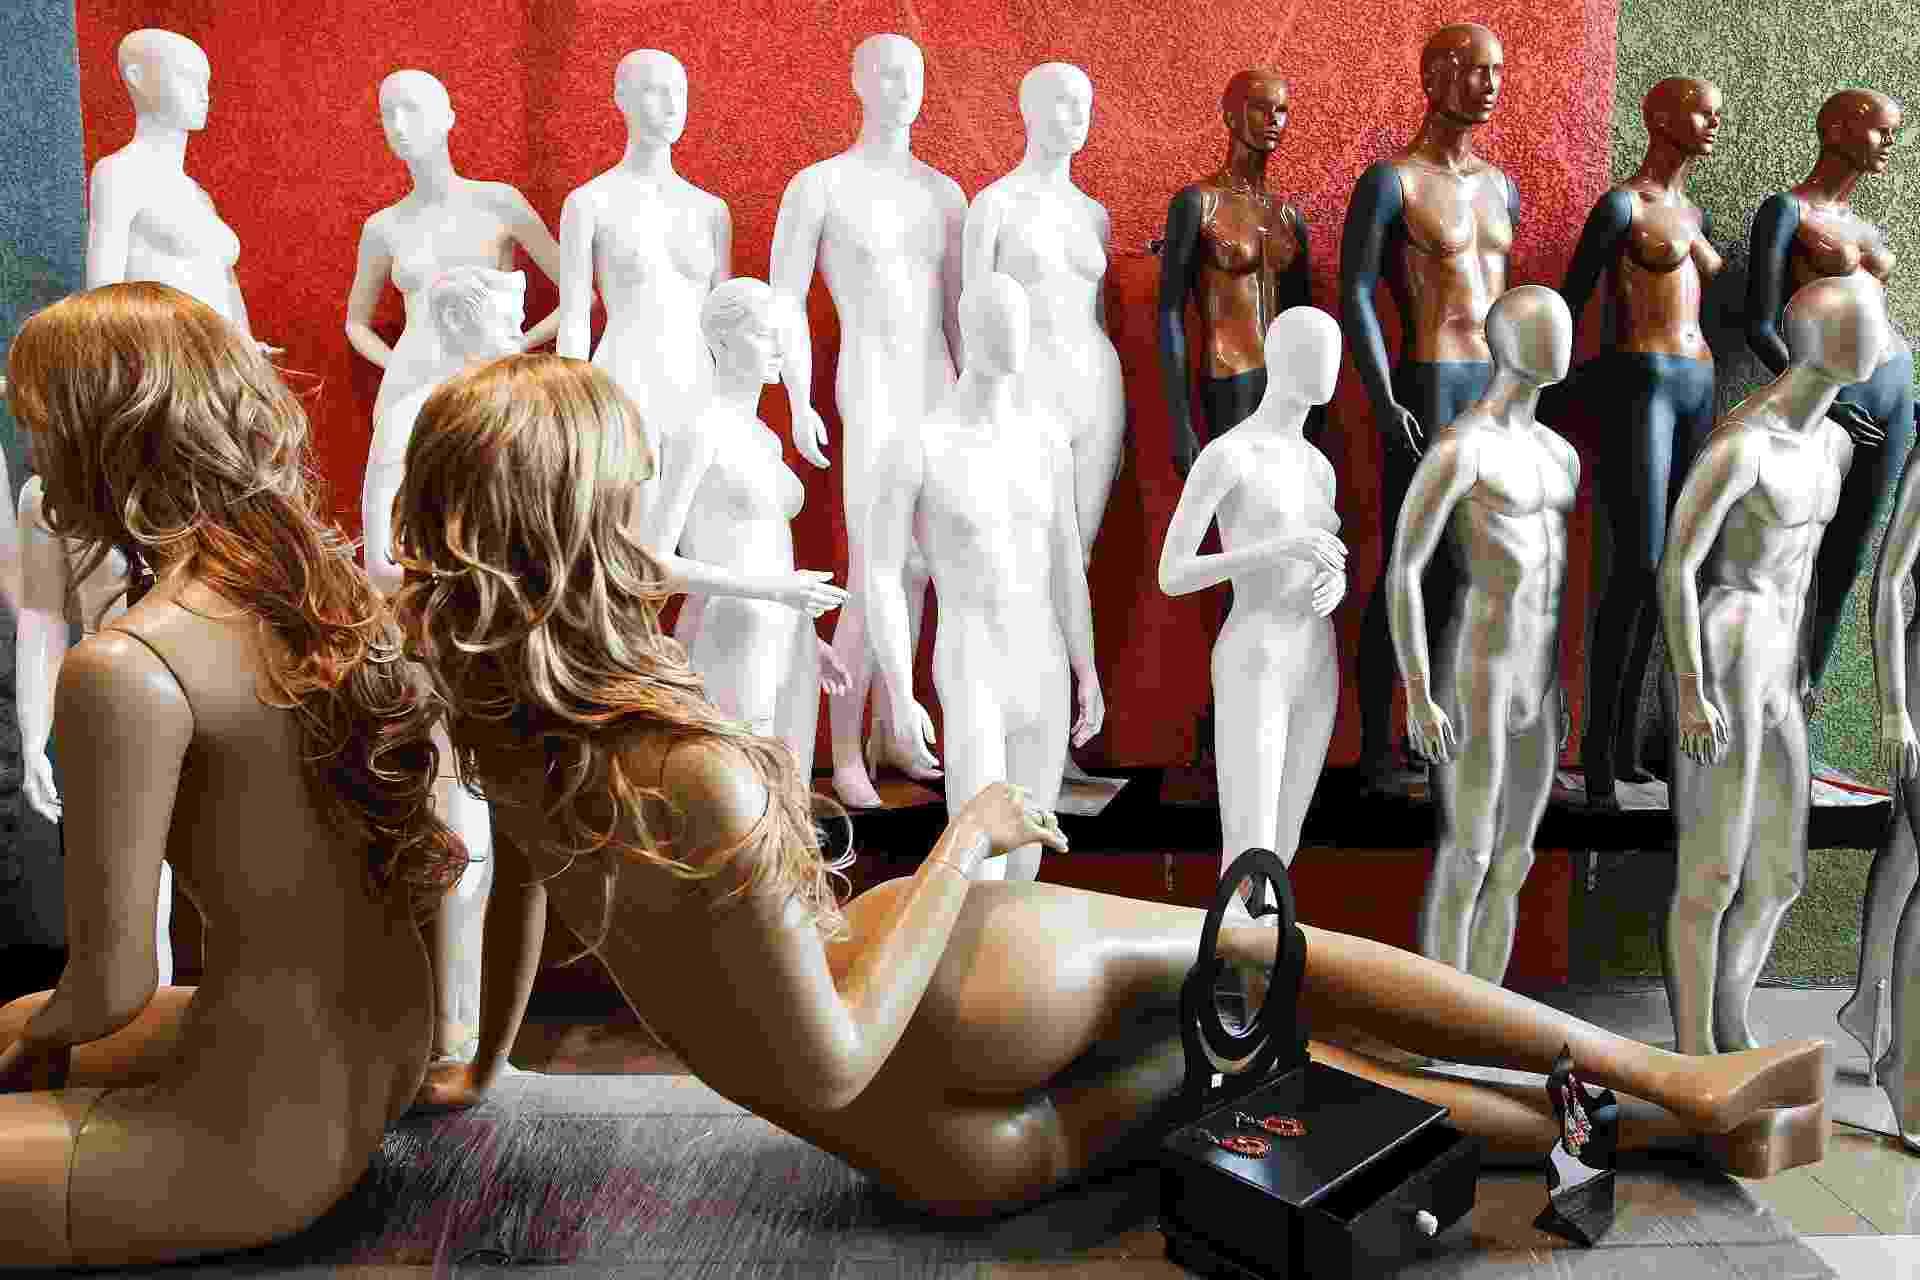 Manequins gigantes, realistas e futuristas - 1 - Reinaldo Canato/UOL